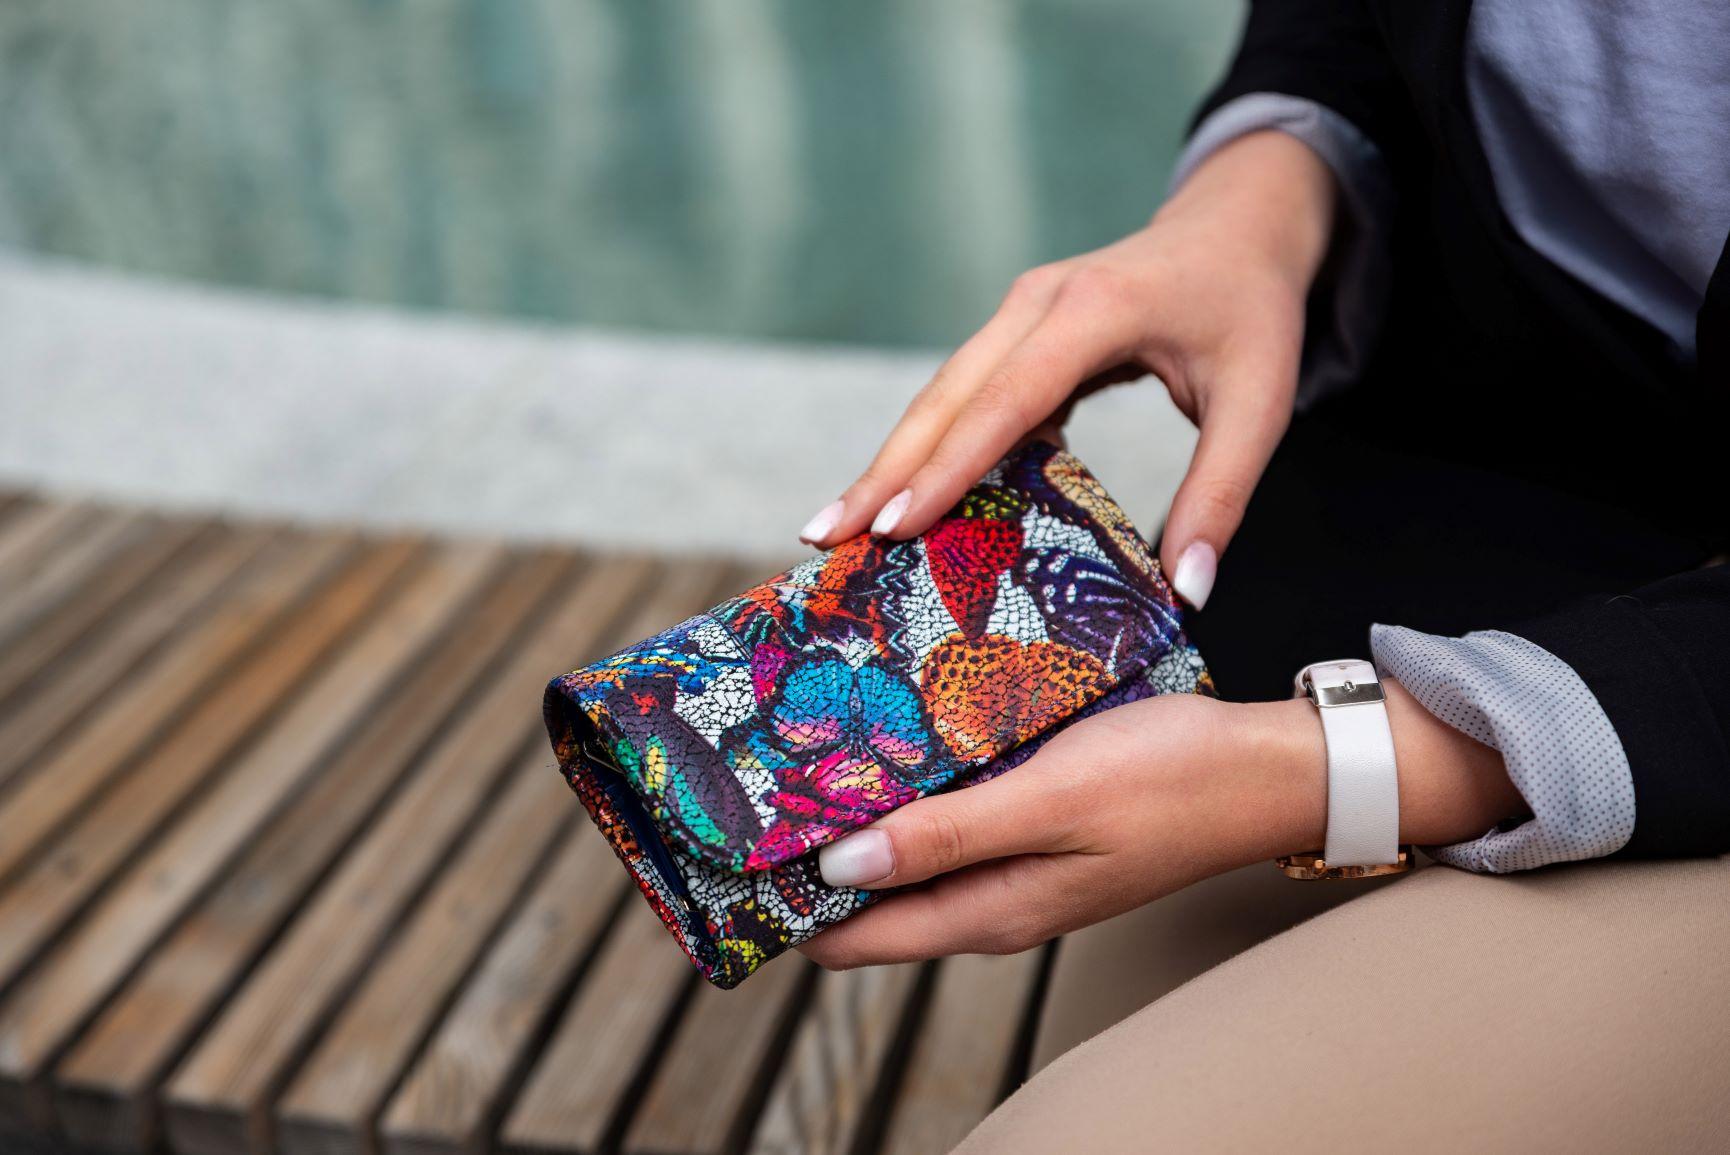 Jakie portfele najczęściej wybierają kobiety? Przekonaj się! - Zdjęcie główne